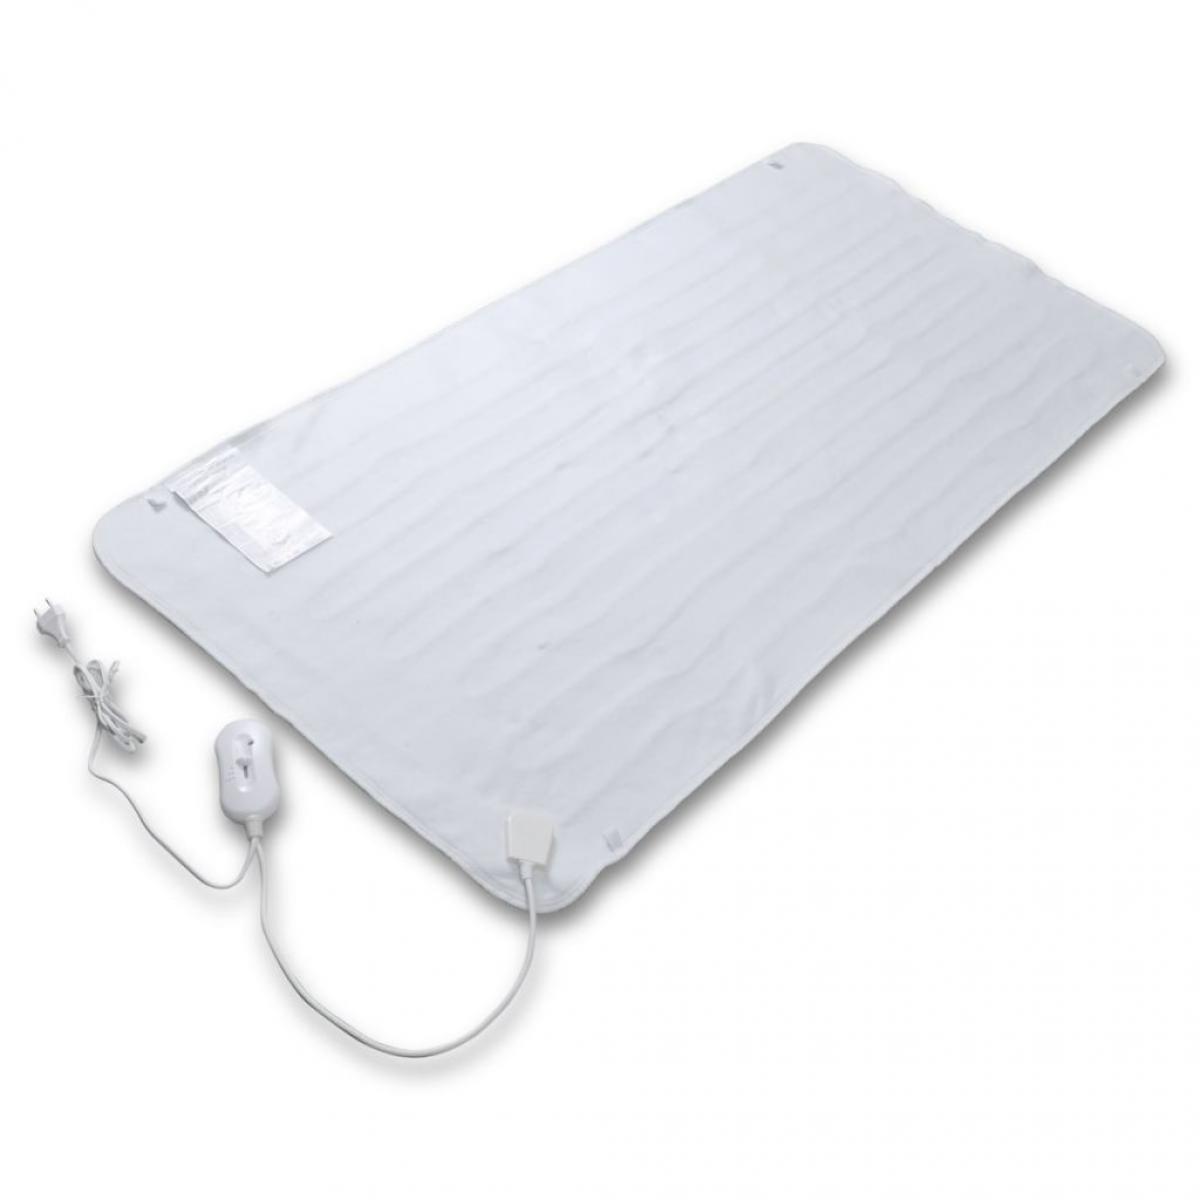 Vidaxl vidaXL Couverture électrique chauffante Polyester 150 x 70 cm